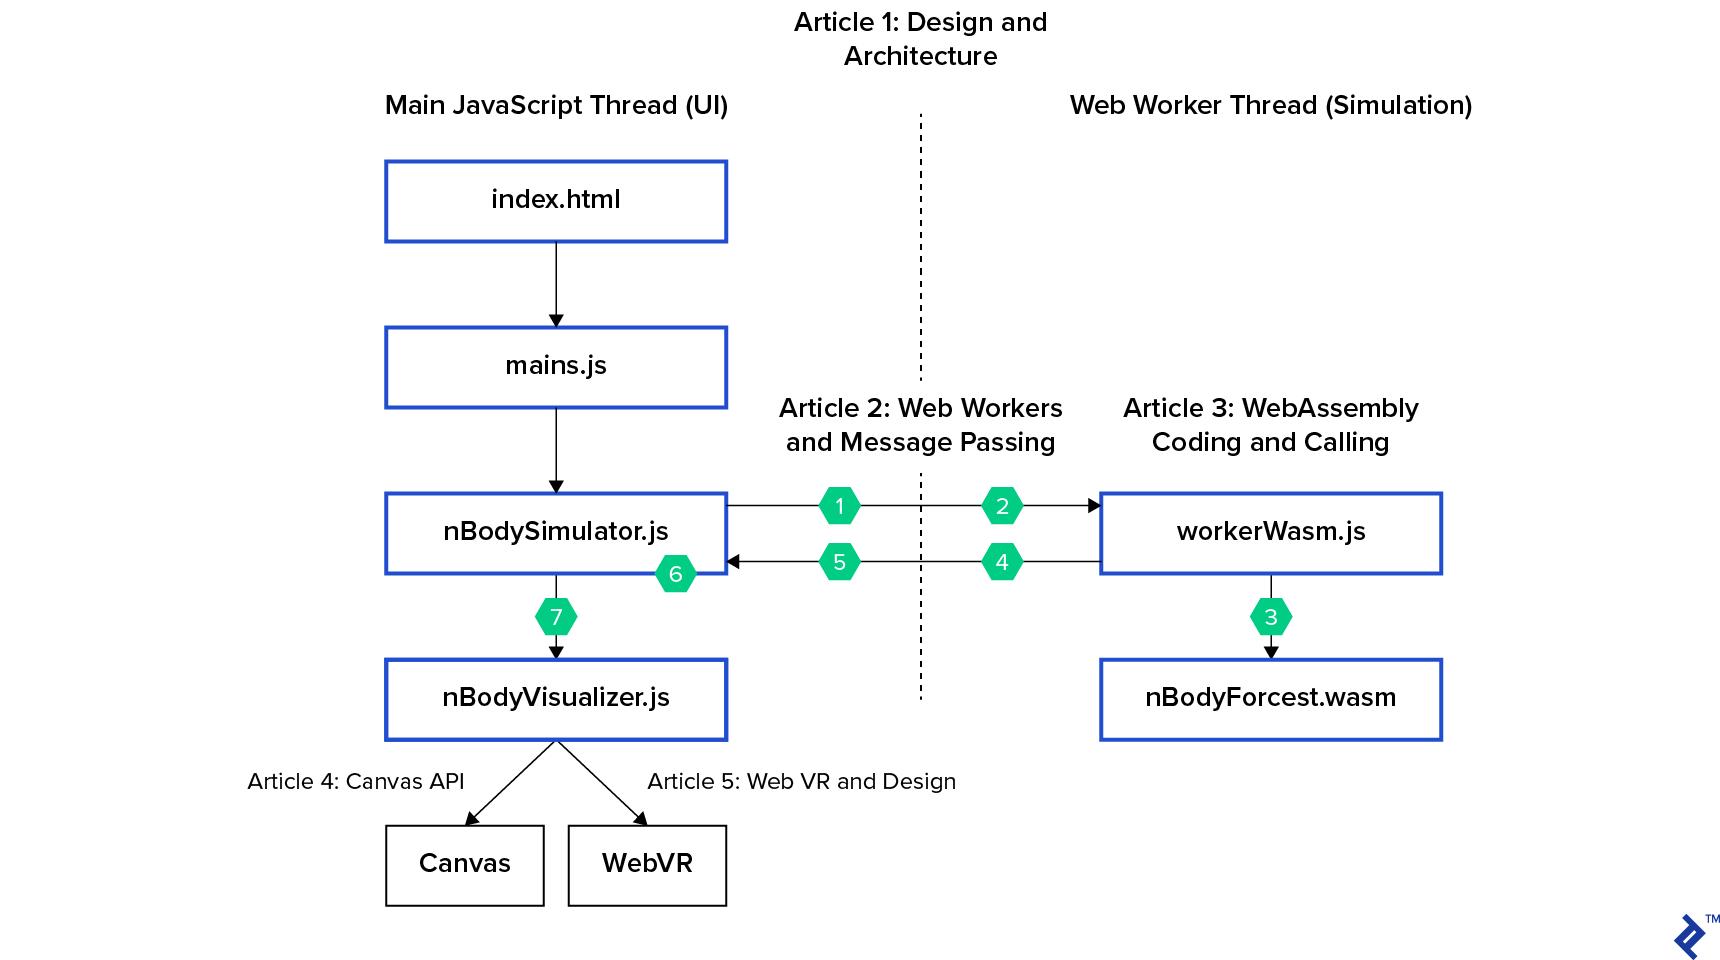 Simulation's architecture diagram